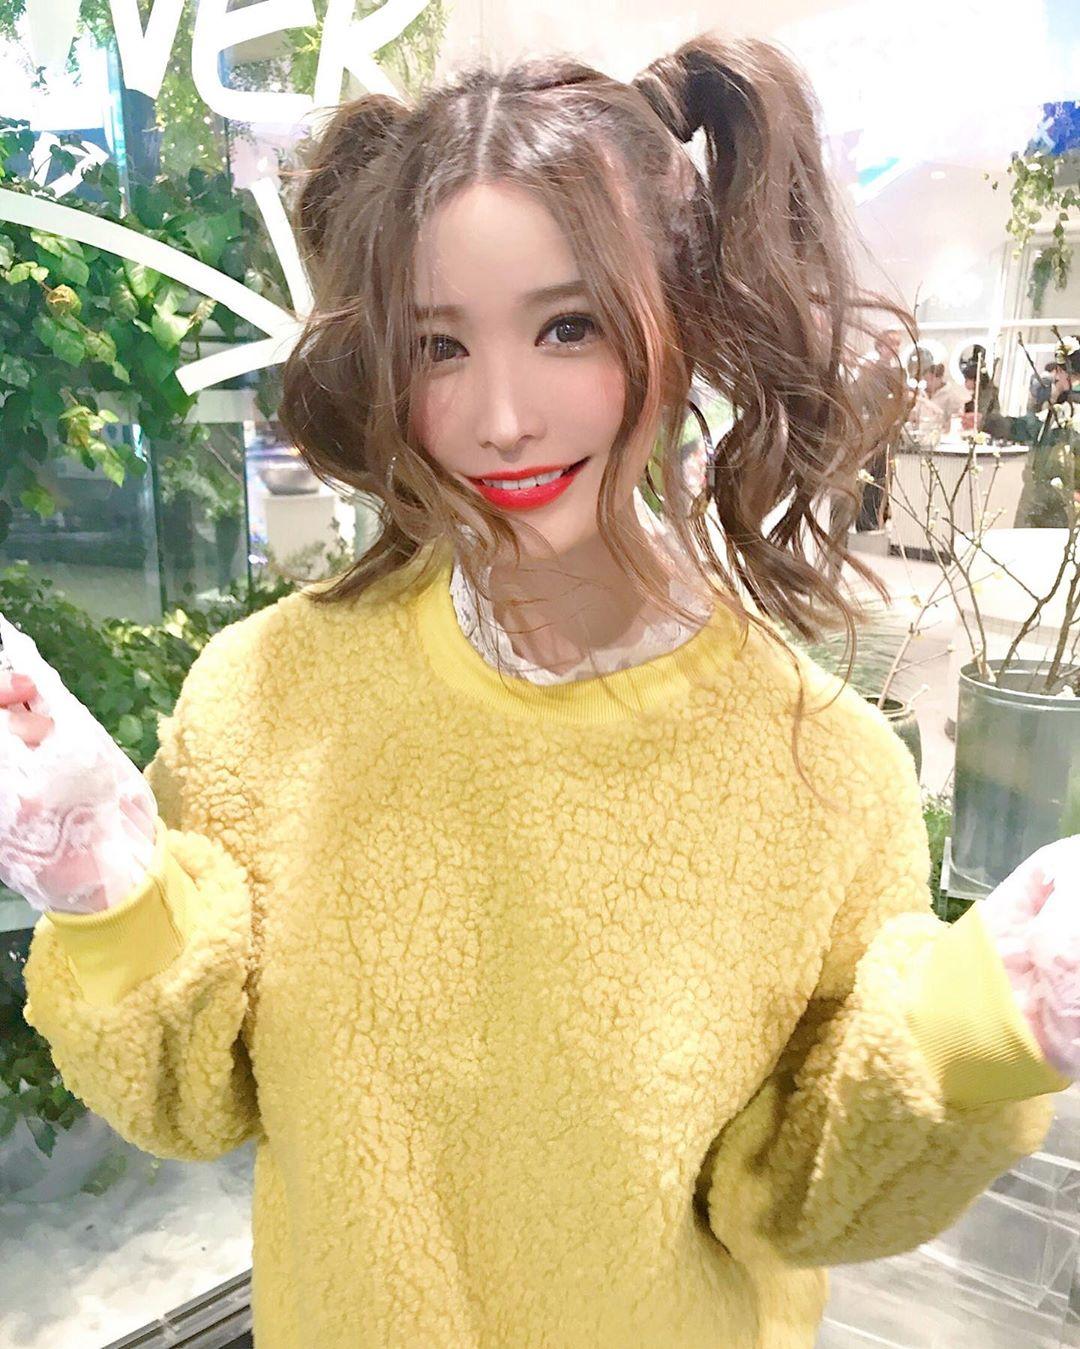 yoshimi_iyo279.jpg